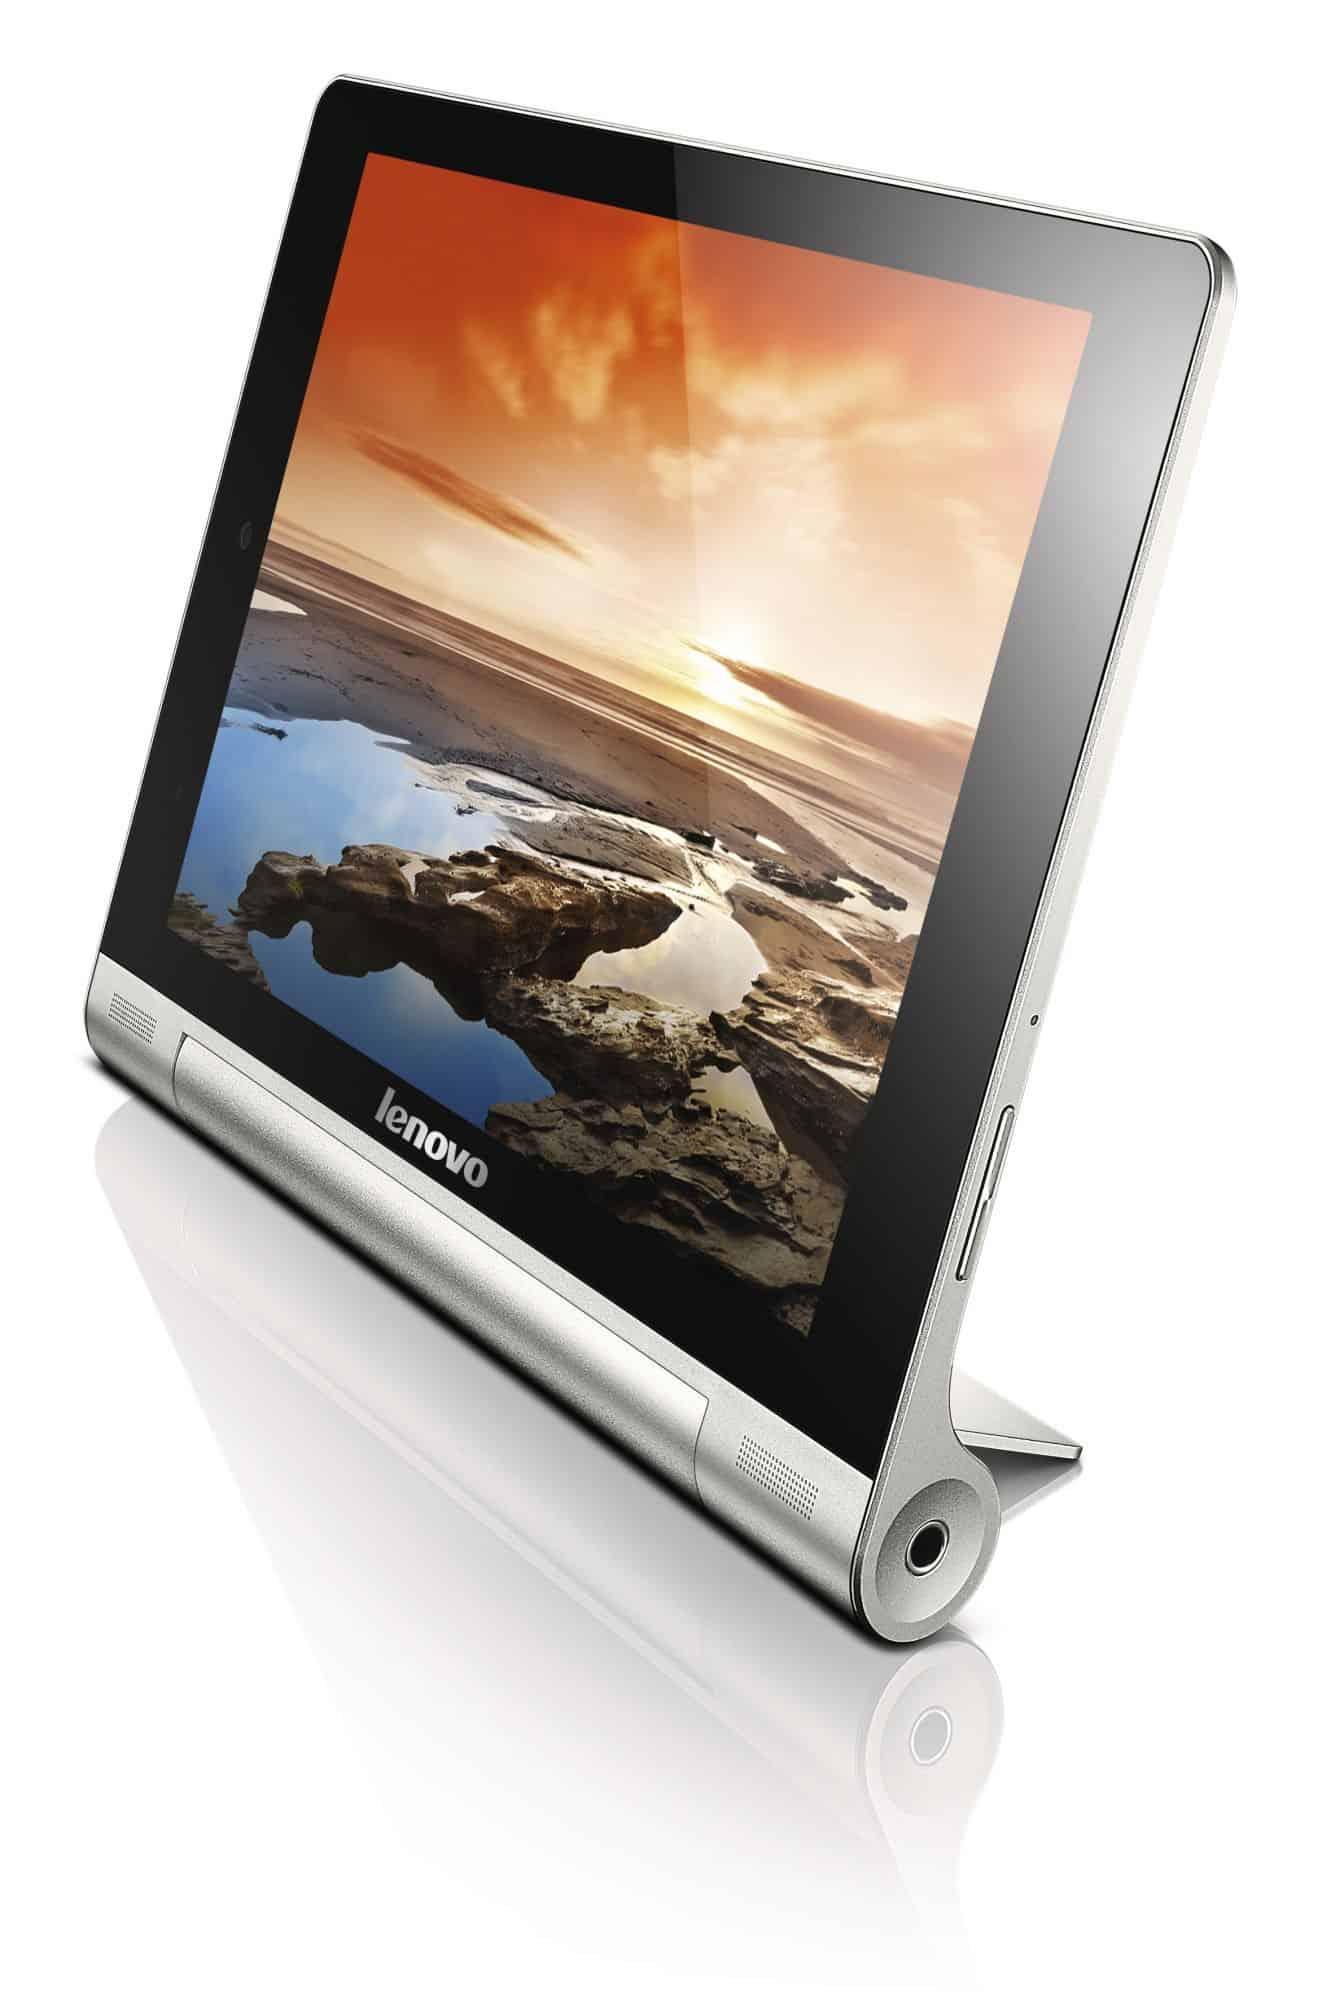 Lenovo-IdeaPad-B6000-F-04